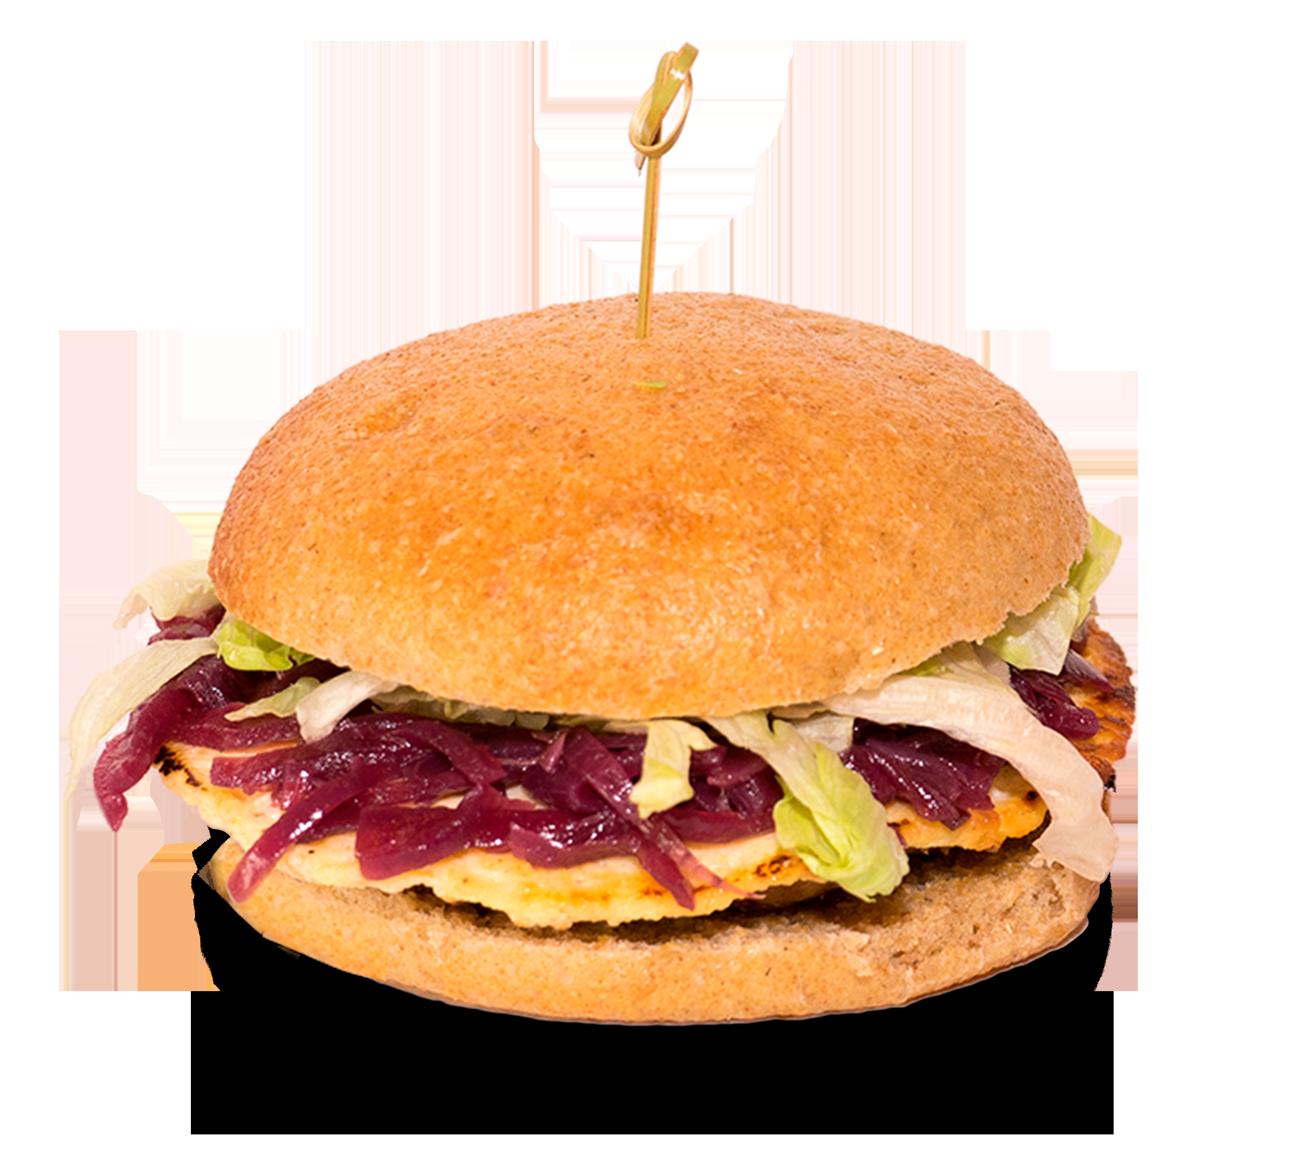 Circle, panino con Hamburger di bovino e suino, olio, ricotta fresca, cipolla in agrodolce e lattuga.